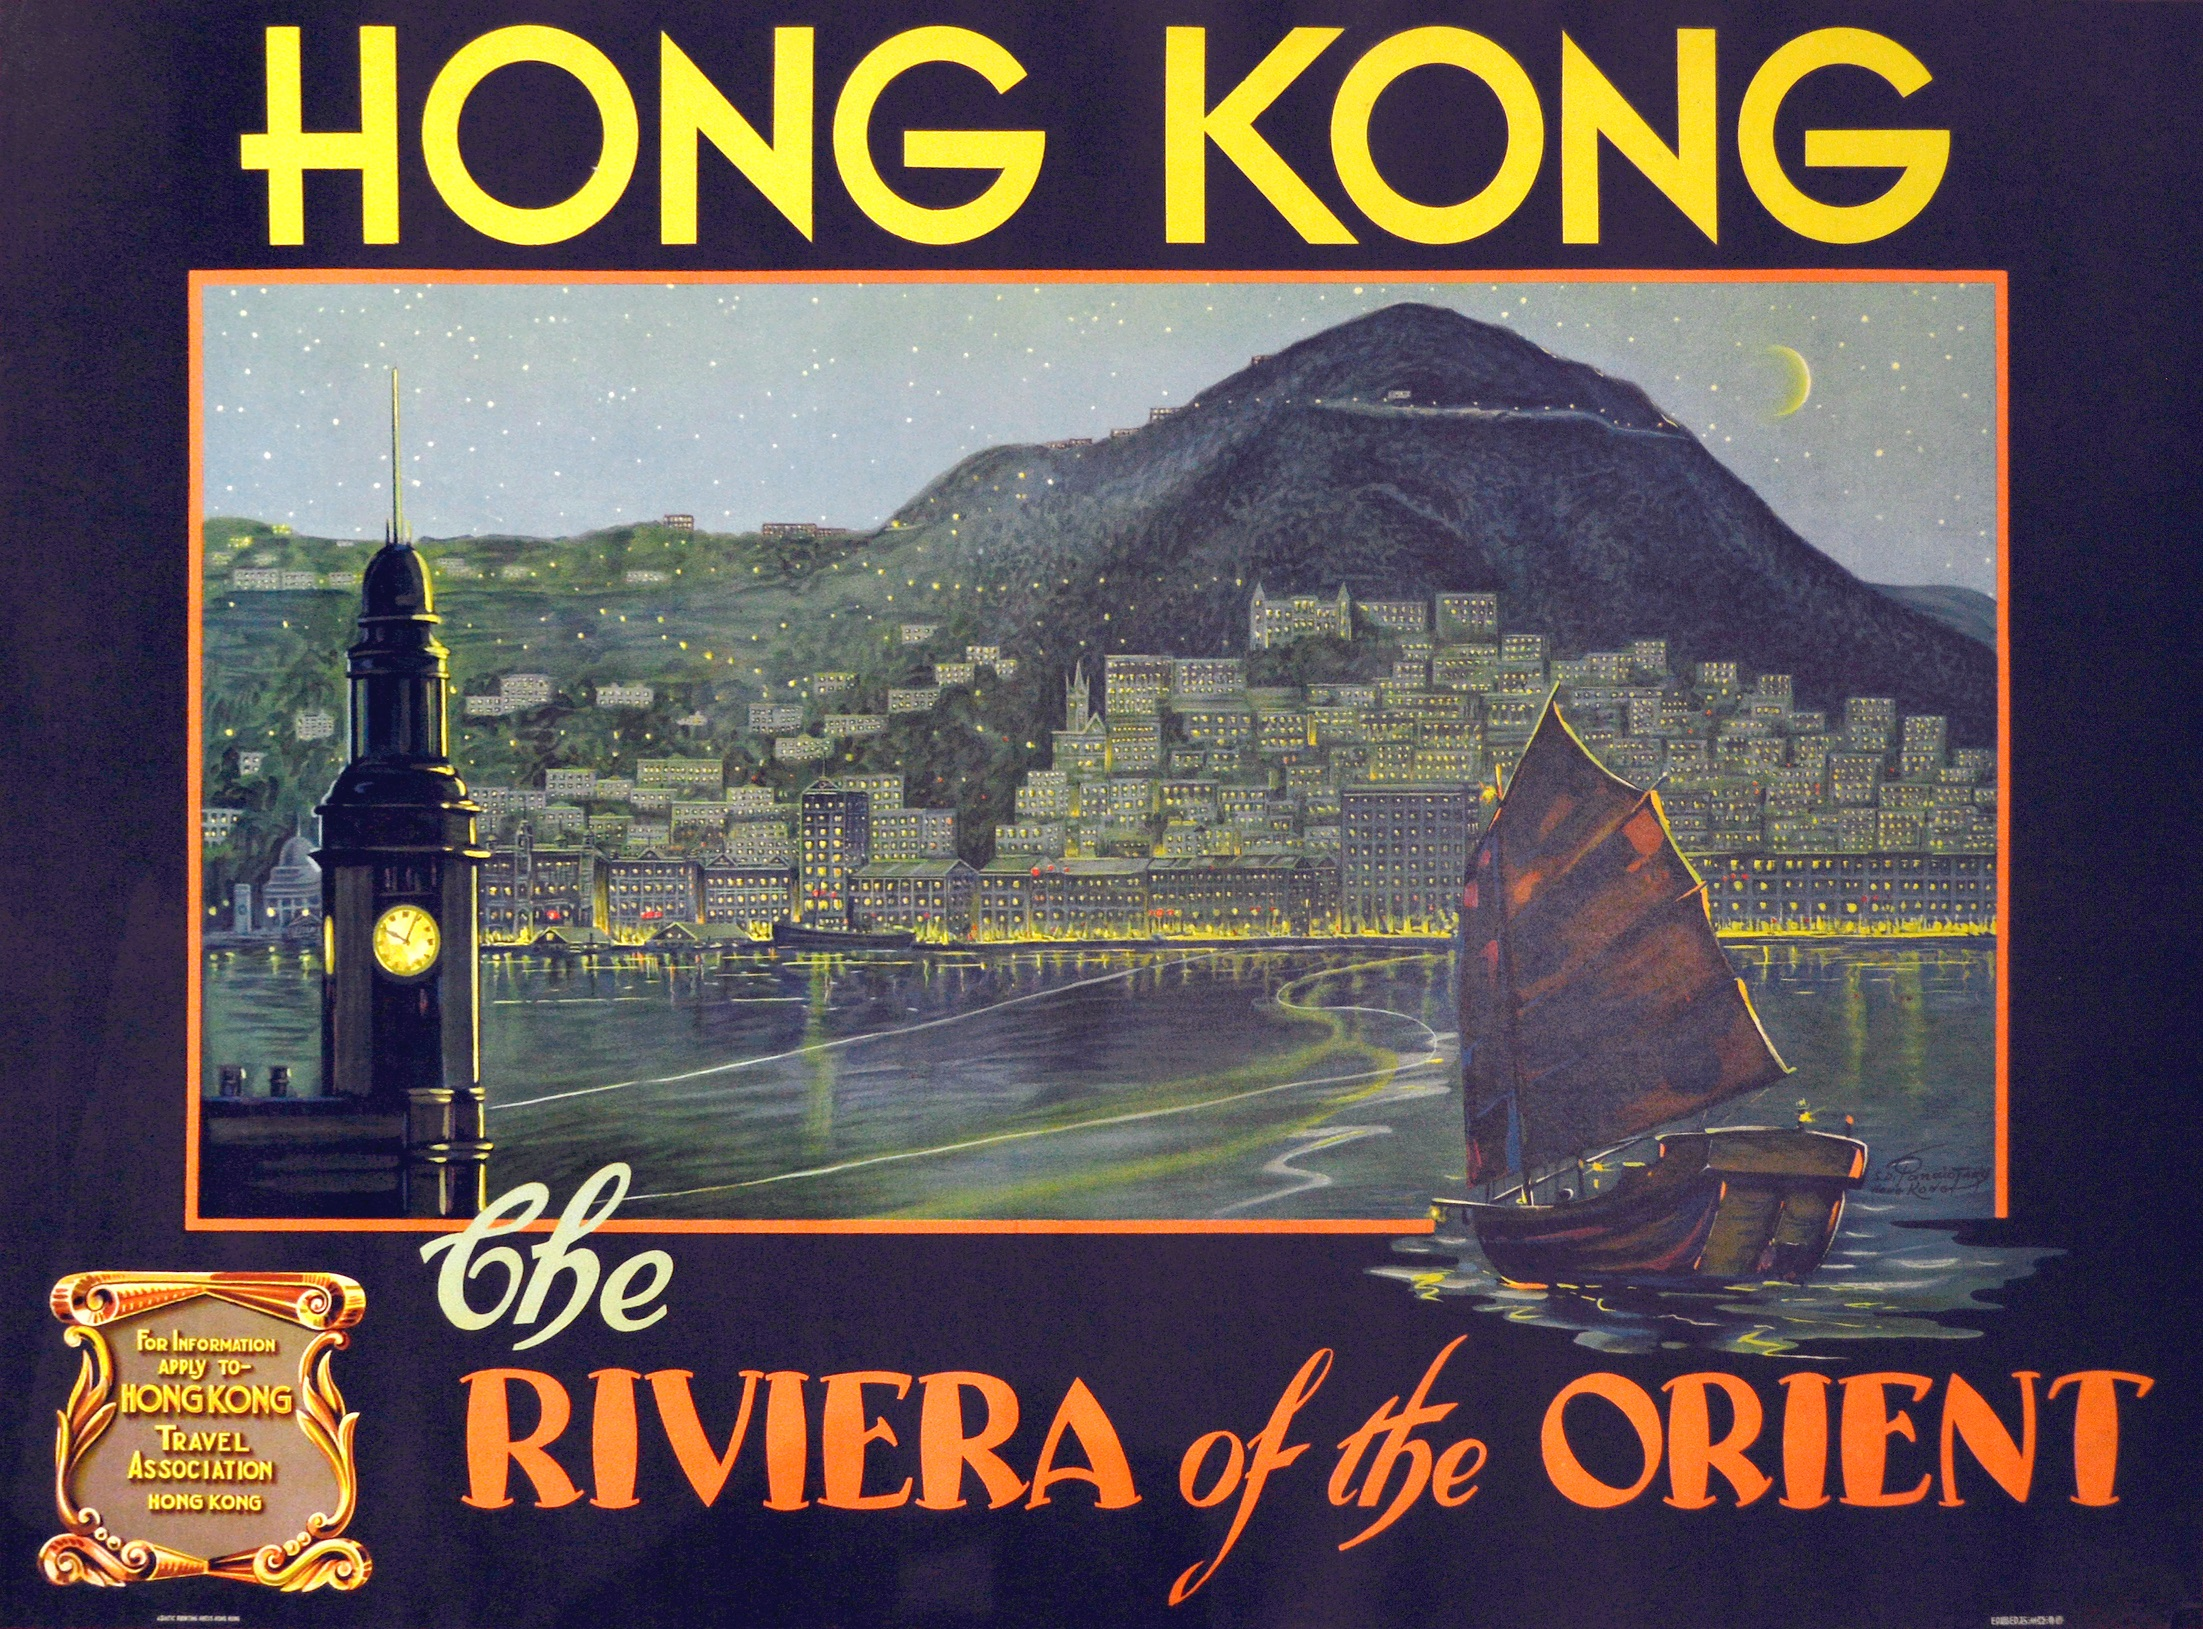 S. D. Panaiotaky, Hong Kong - Riviera of the Orient, circa 1930